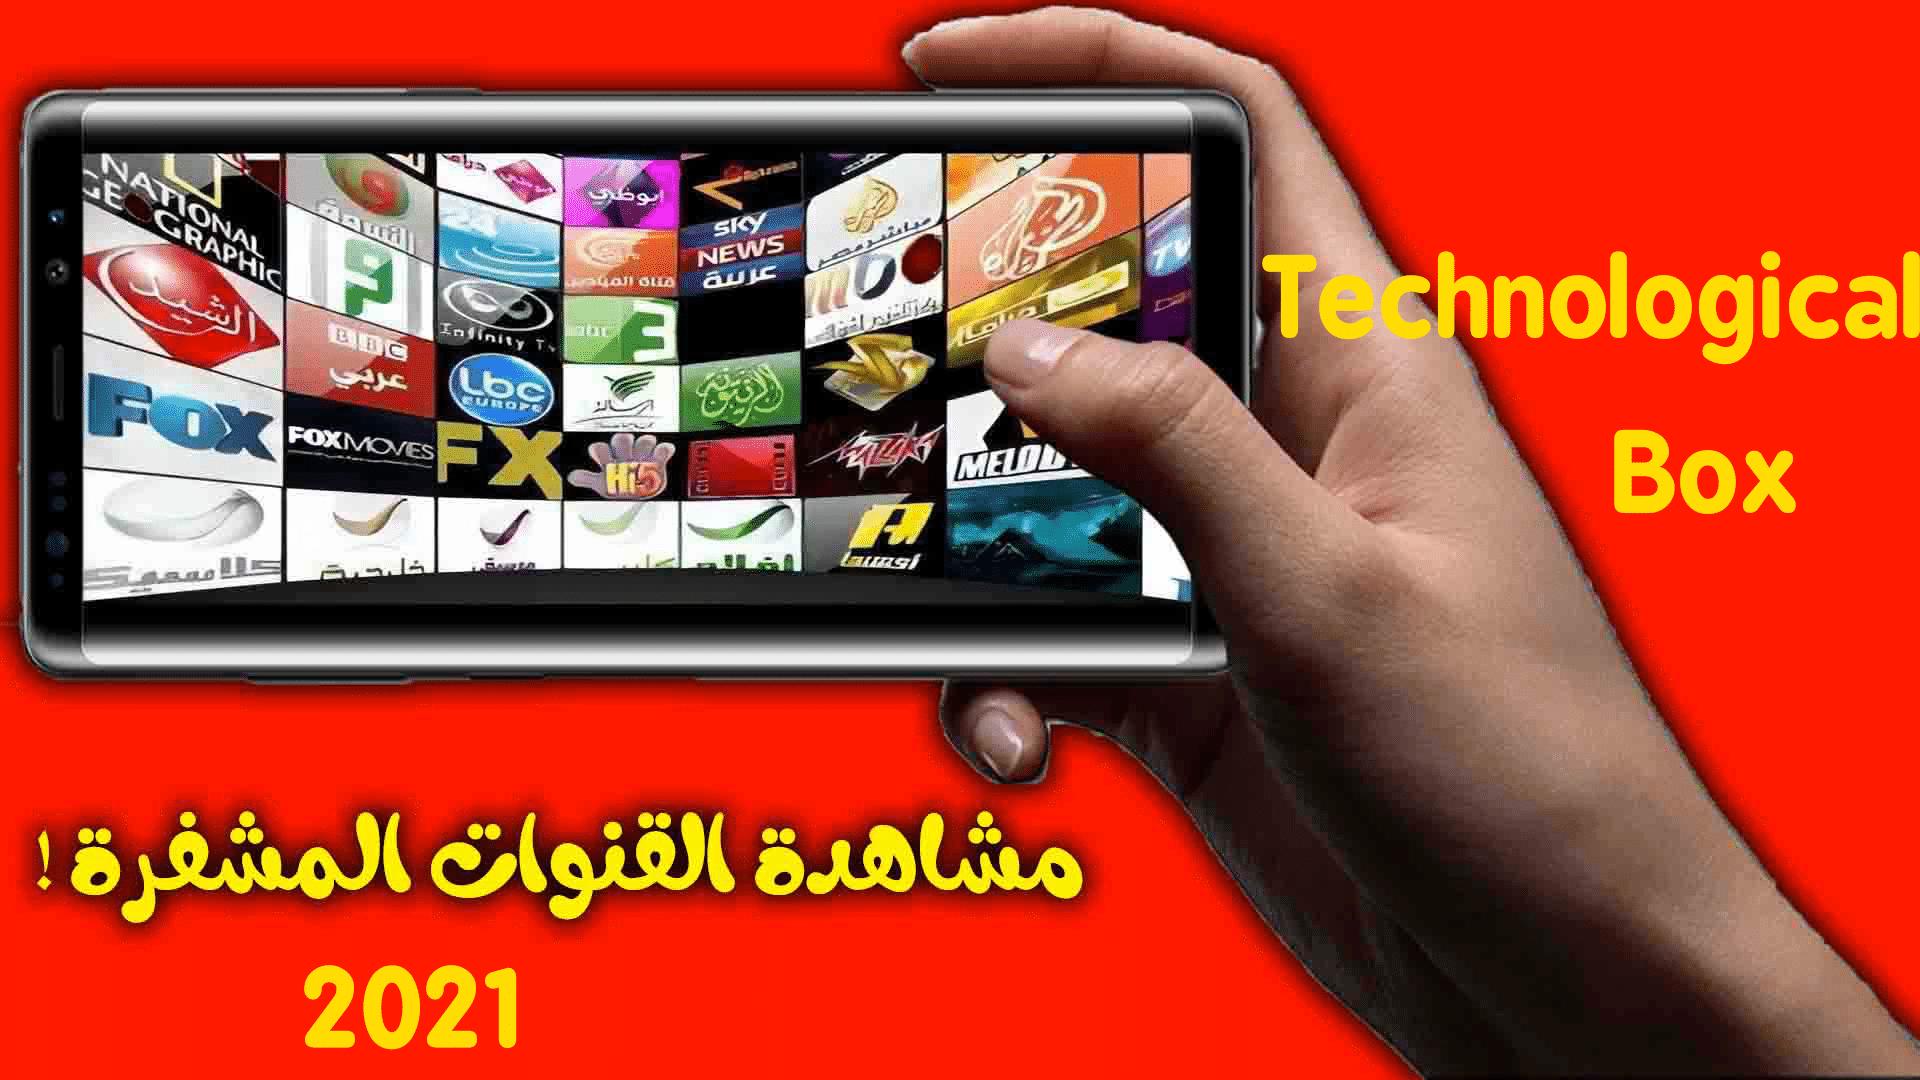 تطبيق مشاهدة القنوات المشفرة 2021 مجاناً